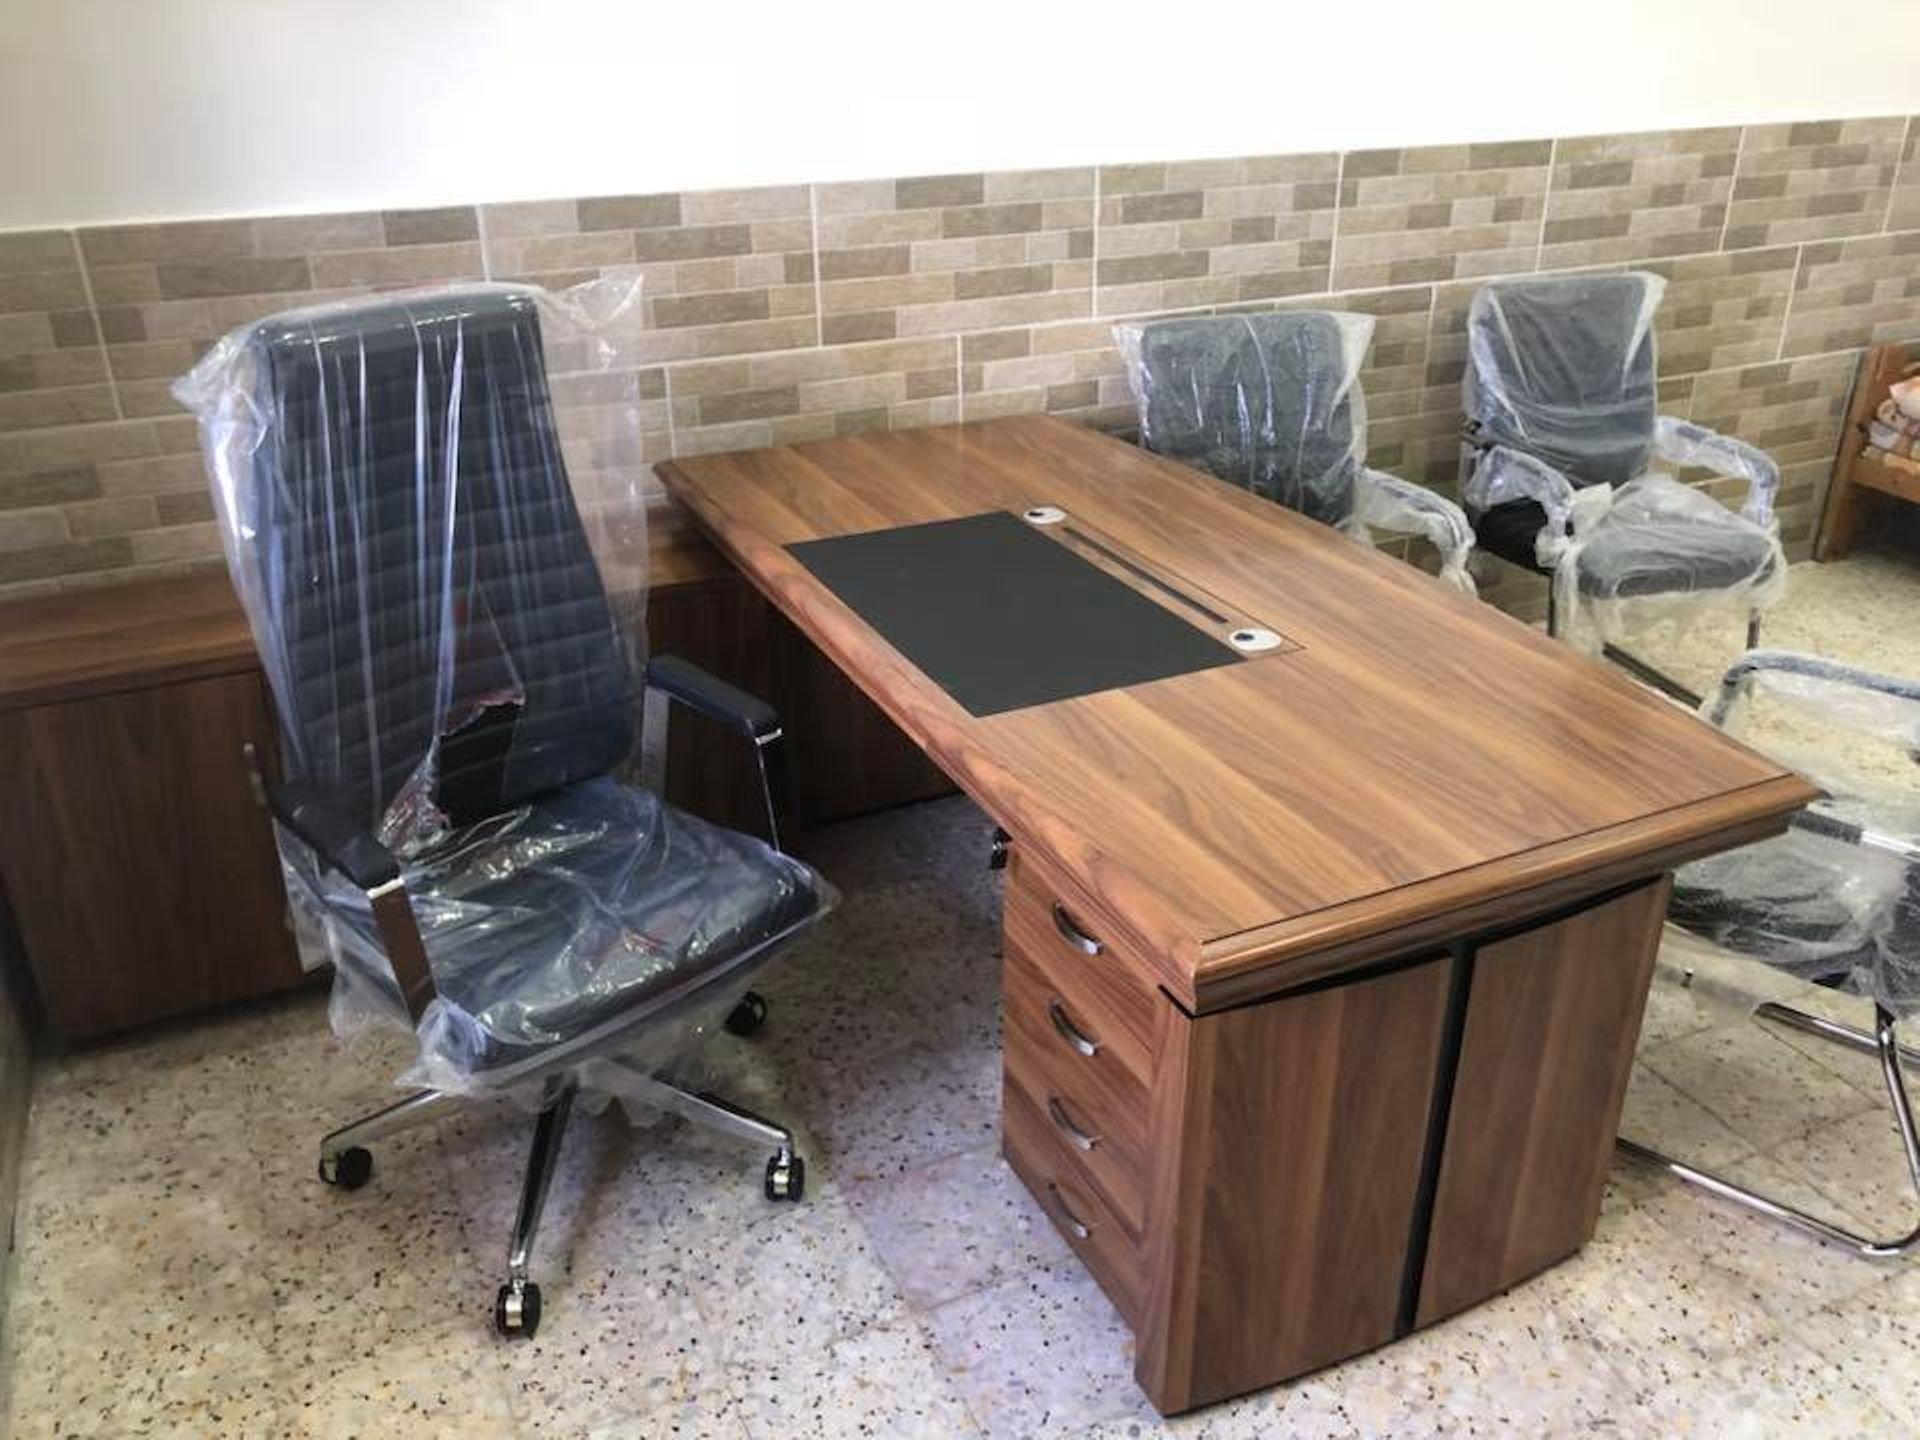 11 ח'ורי אופיס - ח'ורי חוסאם תְמוּנָה